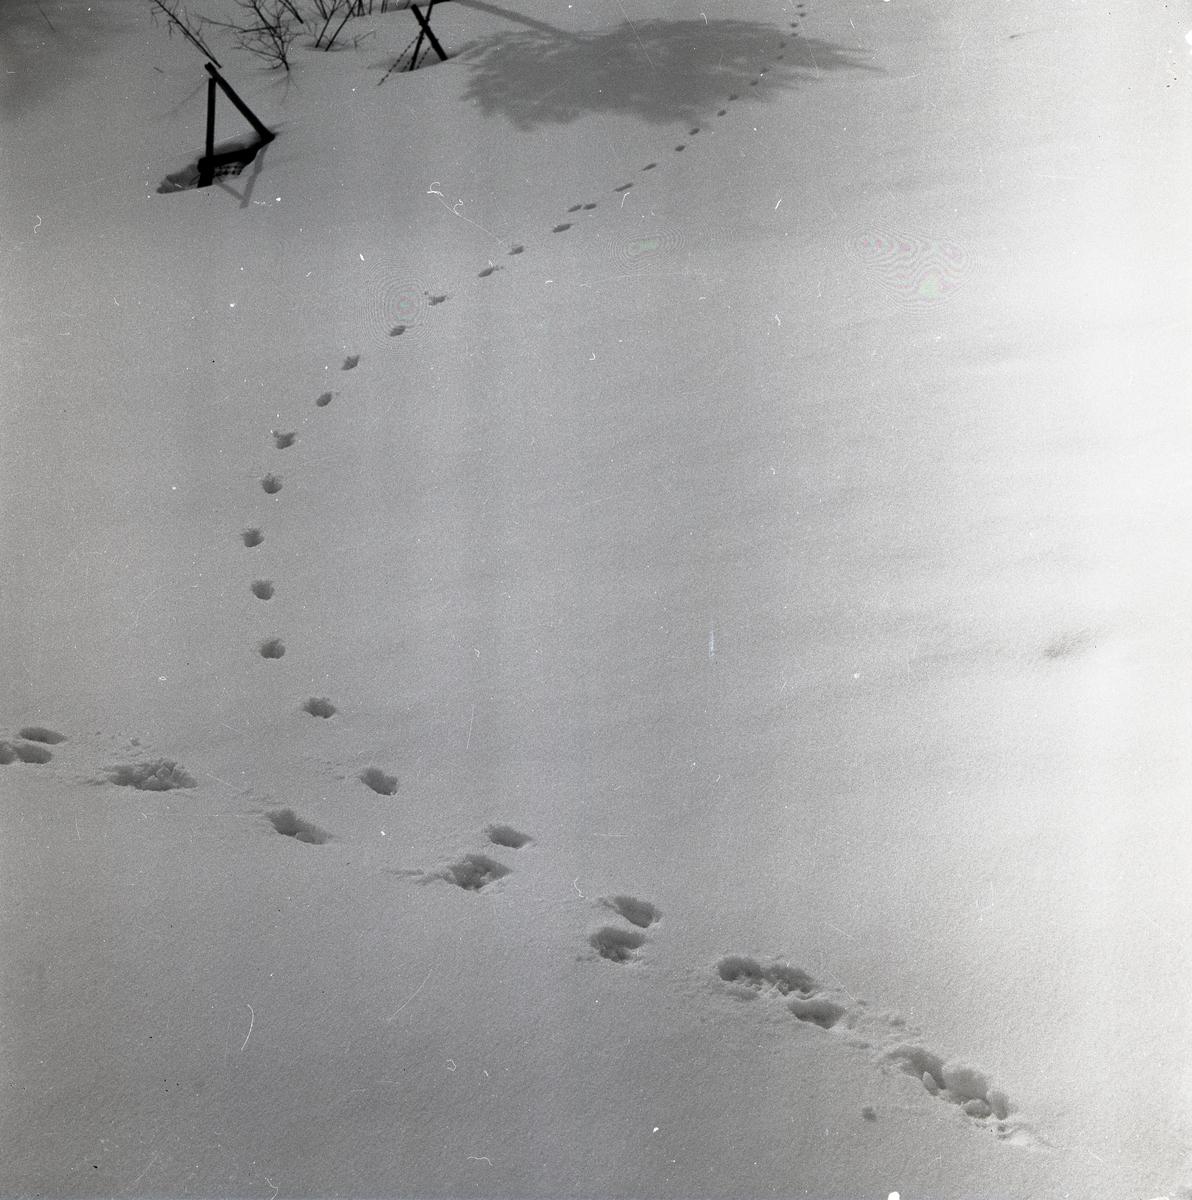 Rävspår i snön, 7 april 1956.